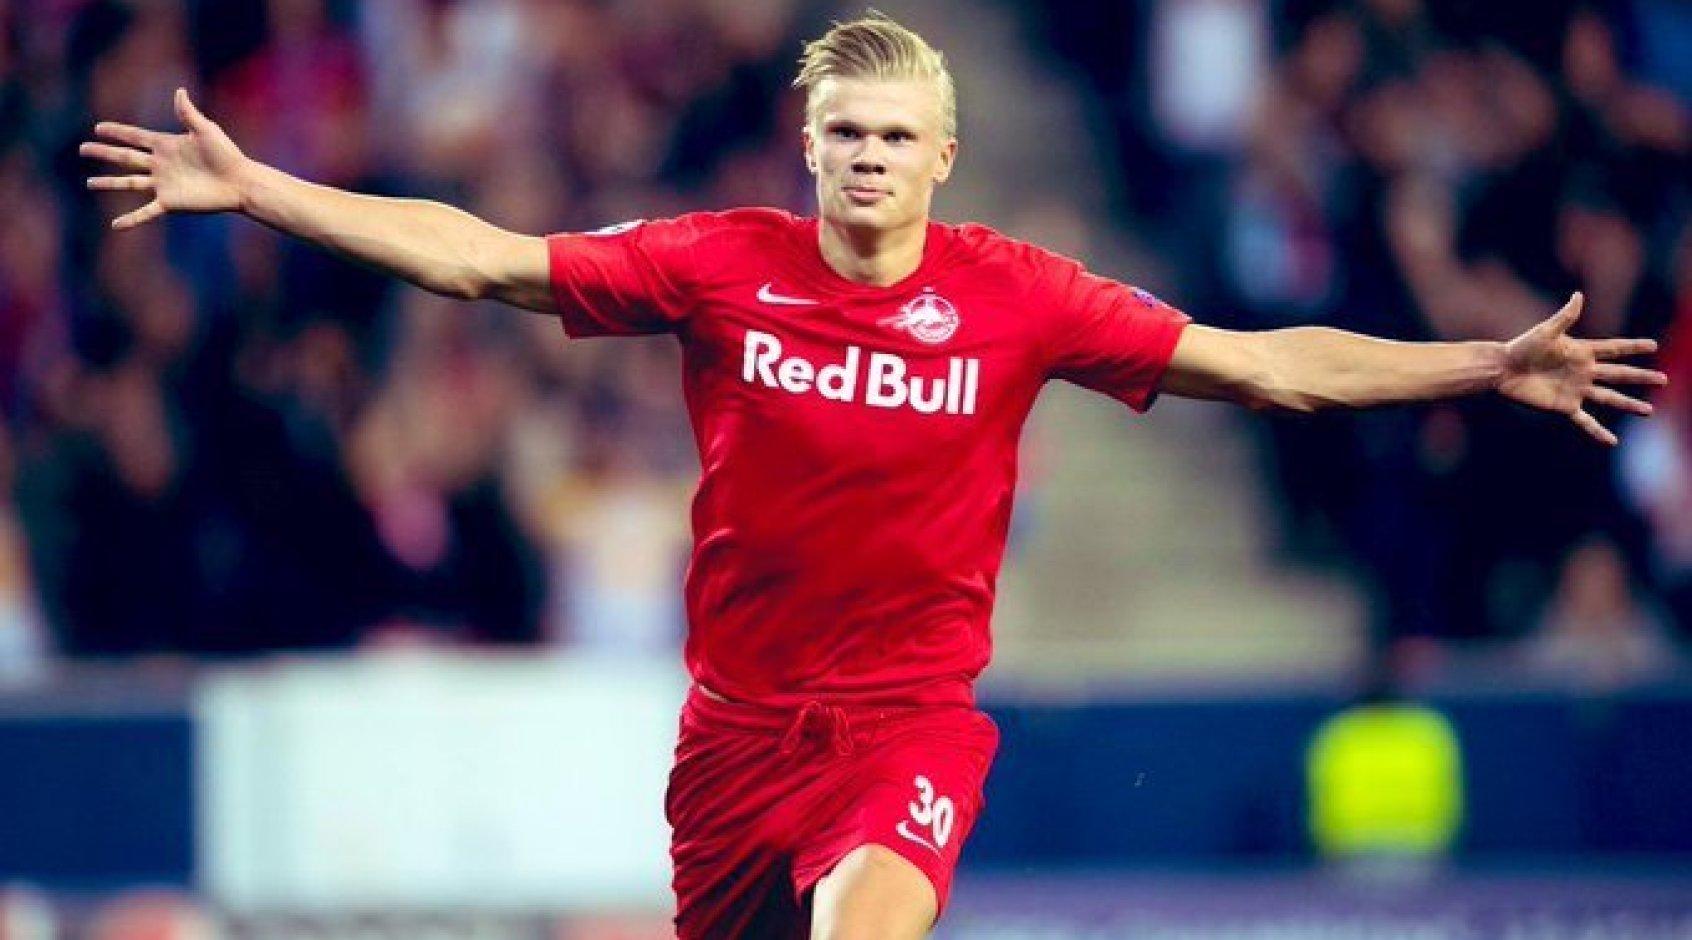 5 восходящих звезд футбола. Какие гонорары получают молодые футболисты?